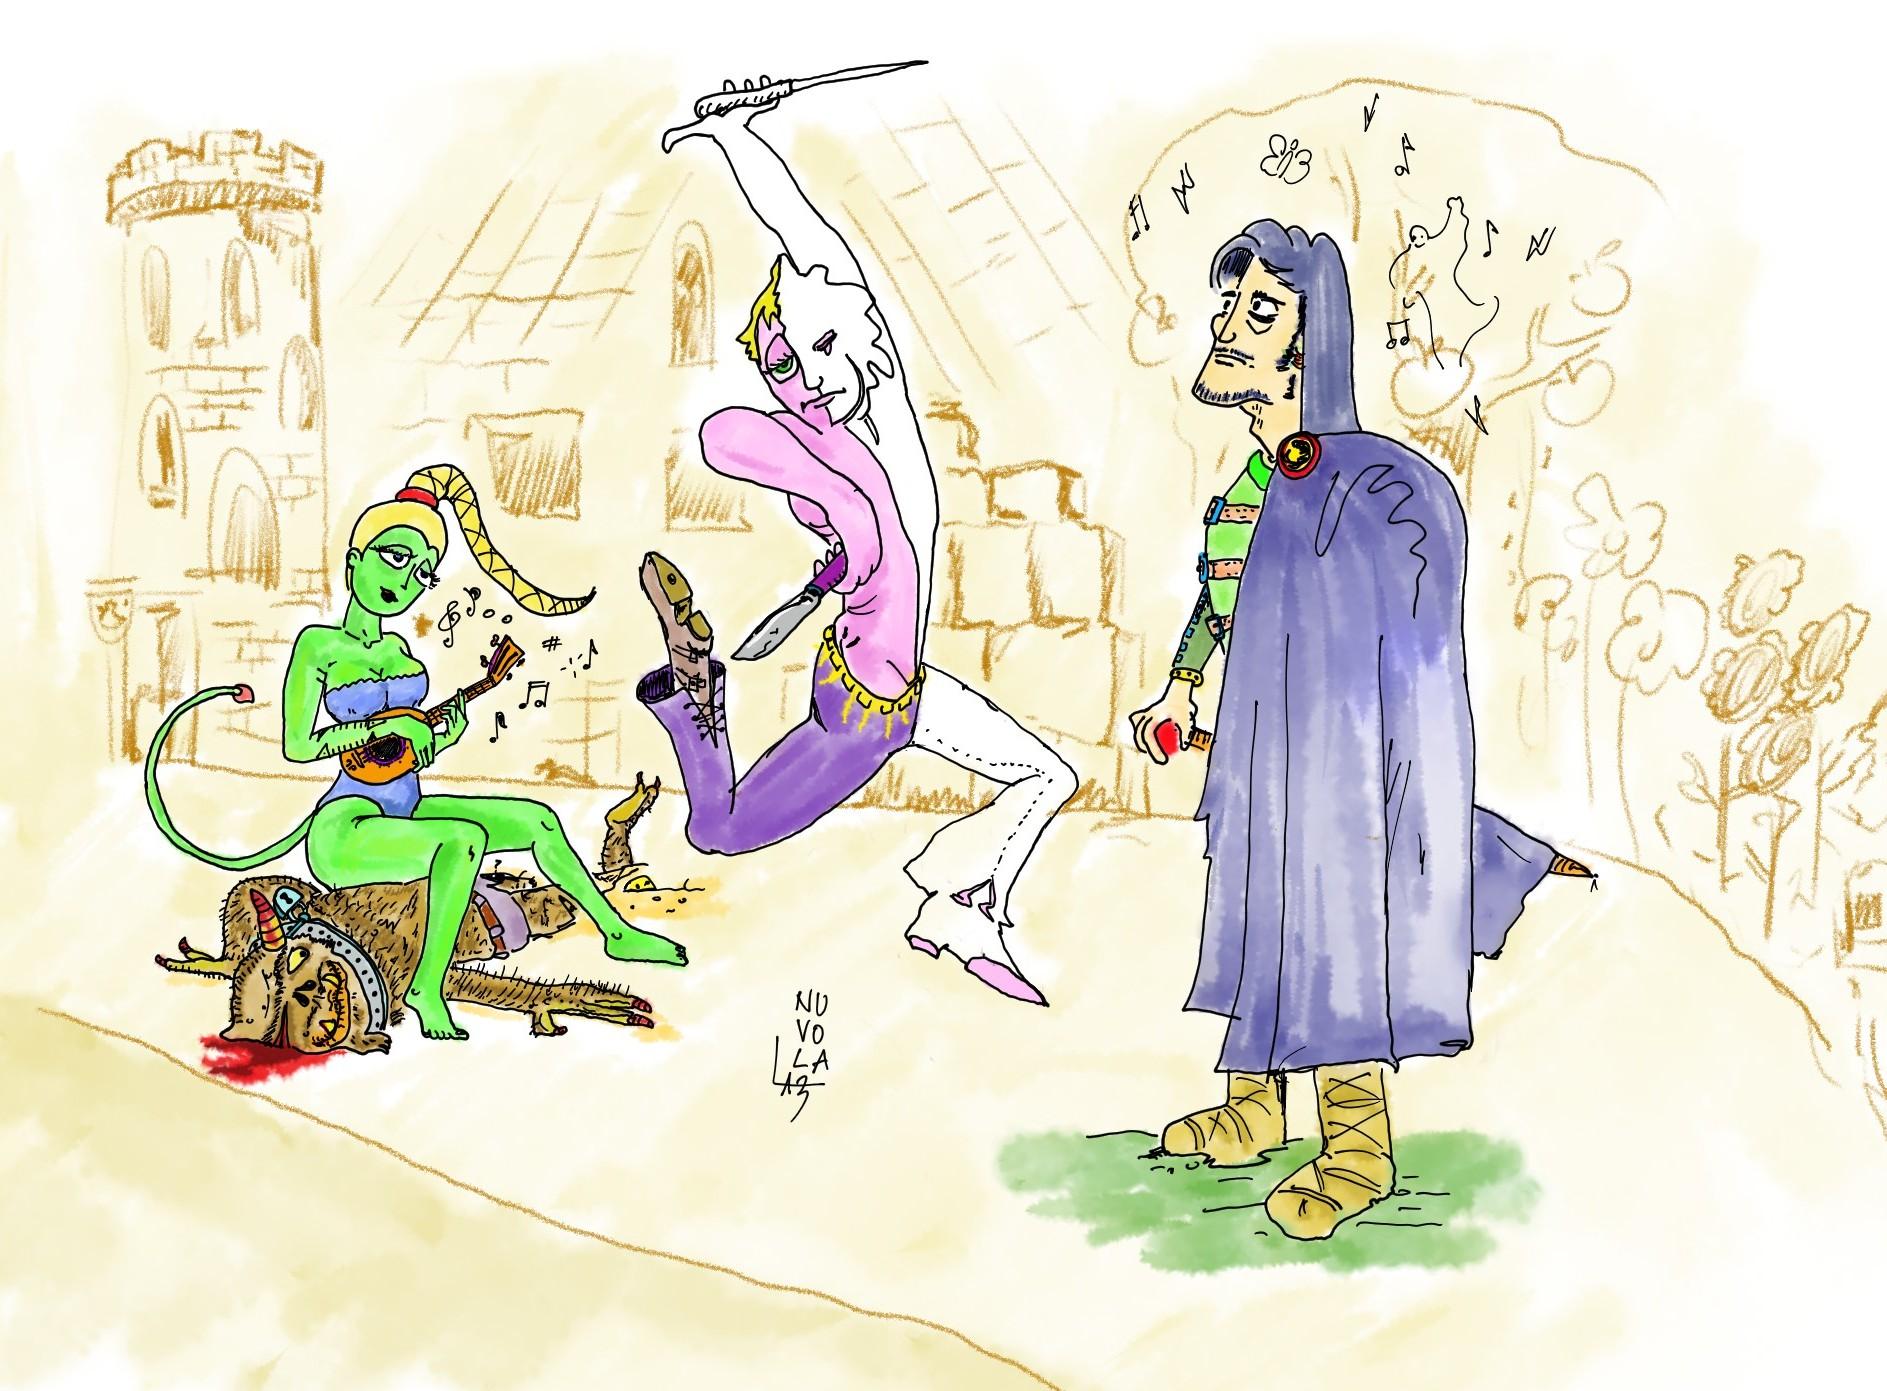 {$tags} **Musicanship**: il Maestro Cantore (seduta) la Lama Danzante (poi ombra danzante) e il Viandante Mistico - by Nuvola Nuvola Seduta (2013-08) © dell'autore e Ultima Online Planescape Shard